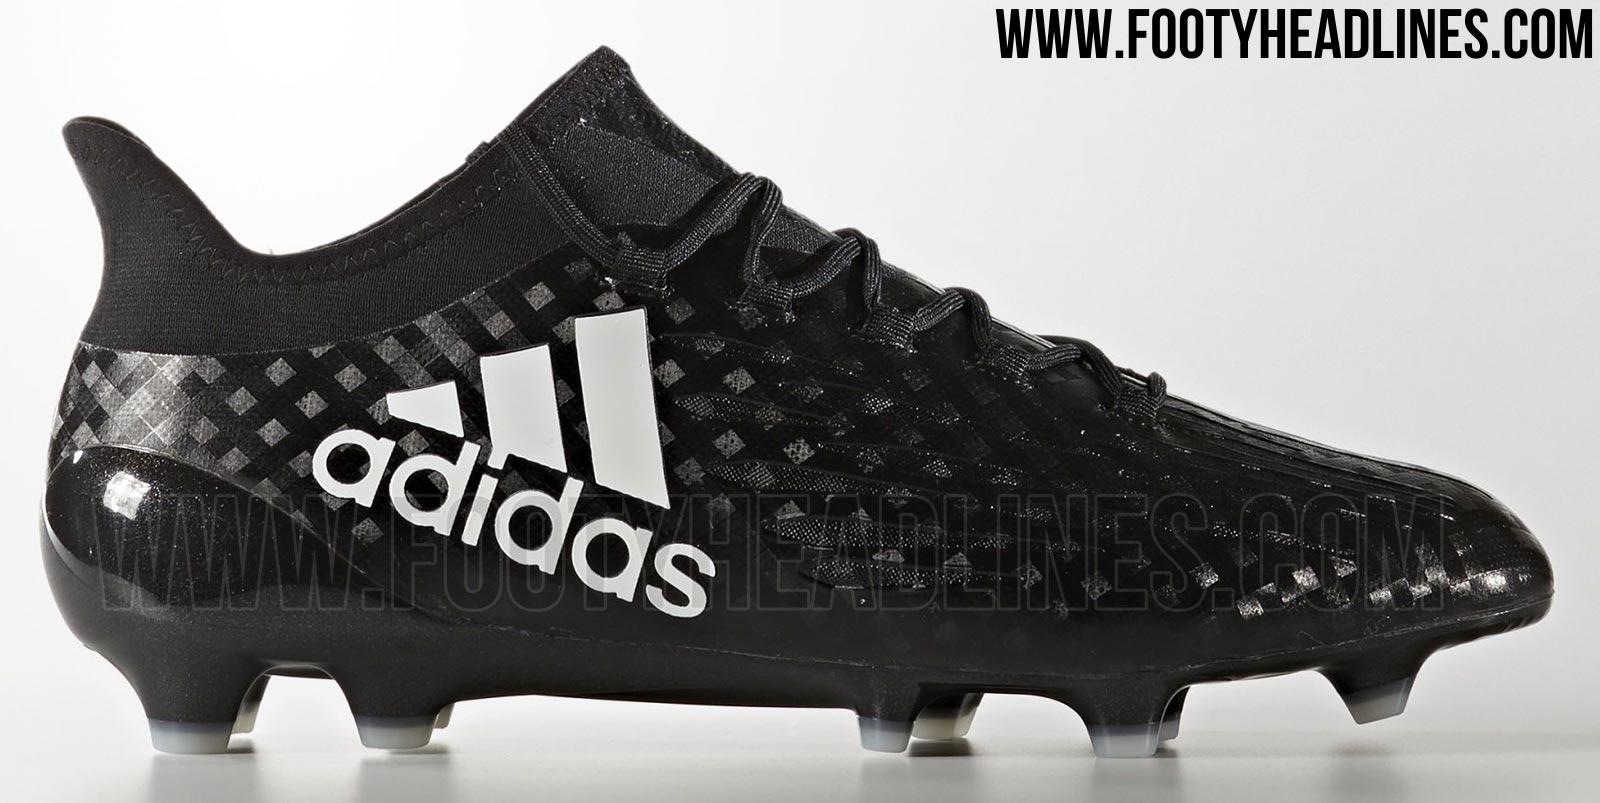 Adidas X 2017